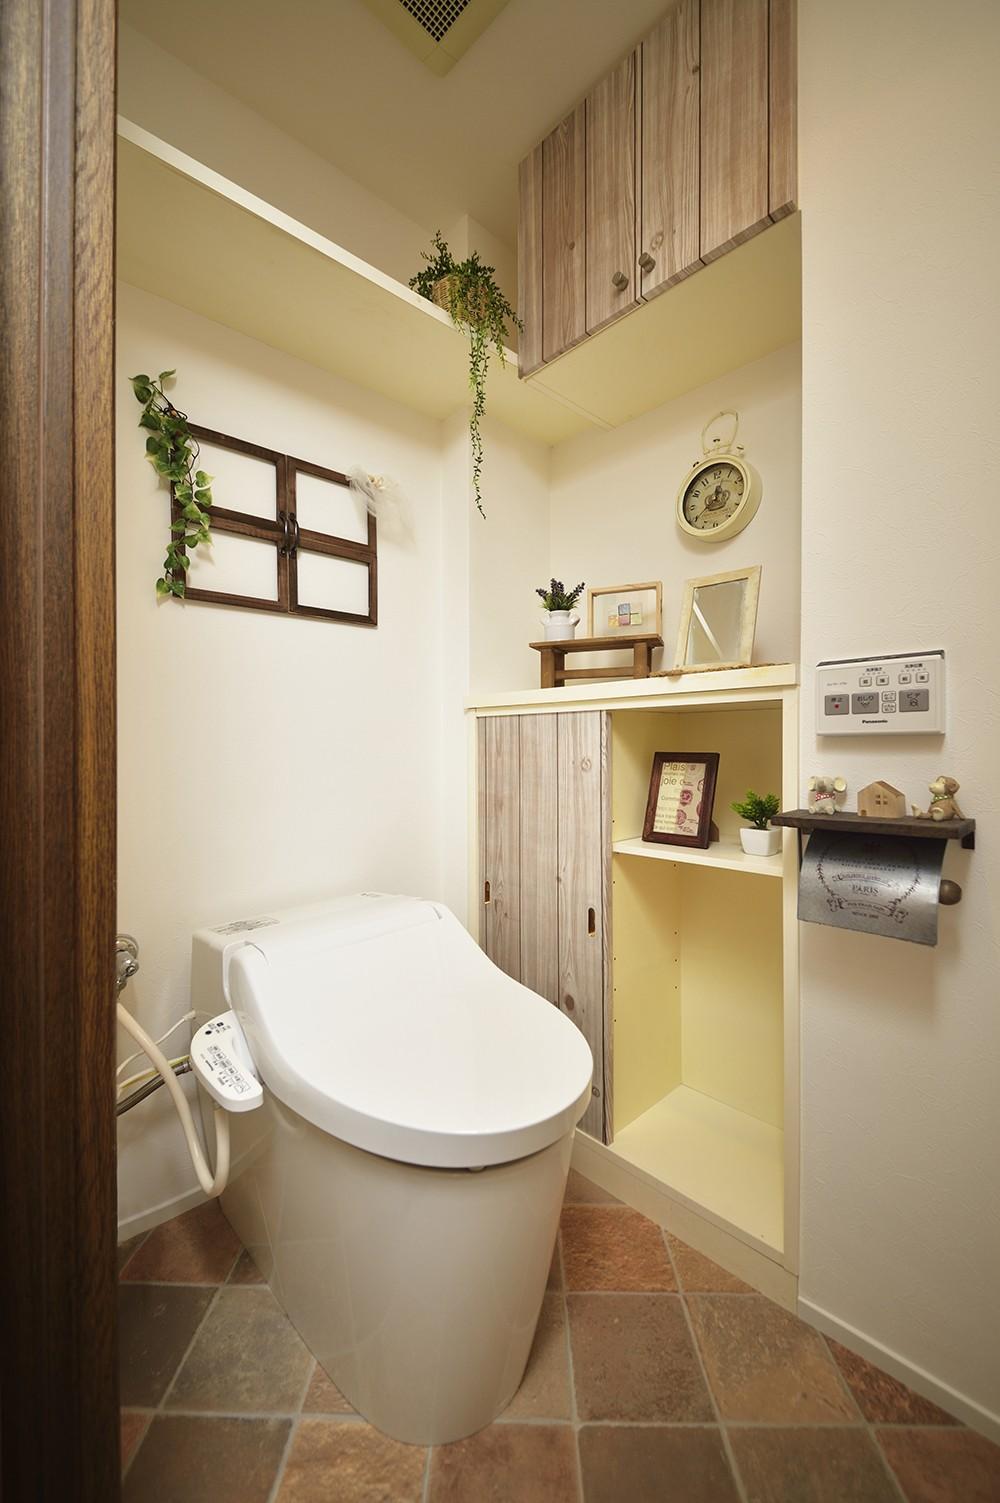 バス/トイレ事例:まるで小部屋!寛ぎのトイレ(変えられない構造を活かす フレンチスタイルキッチンへ)